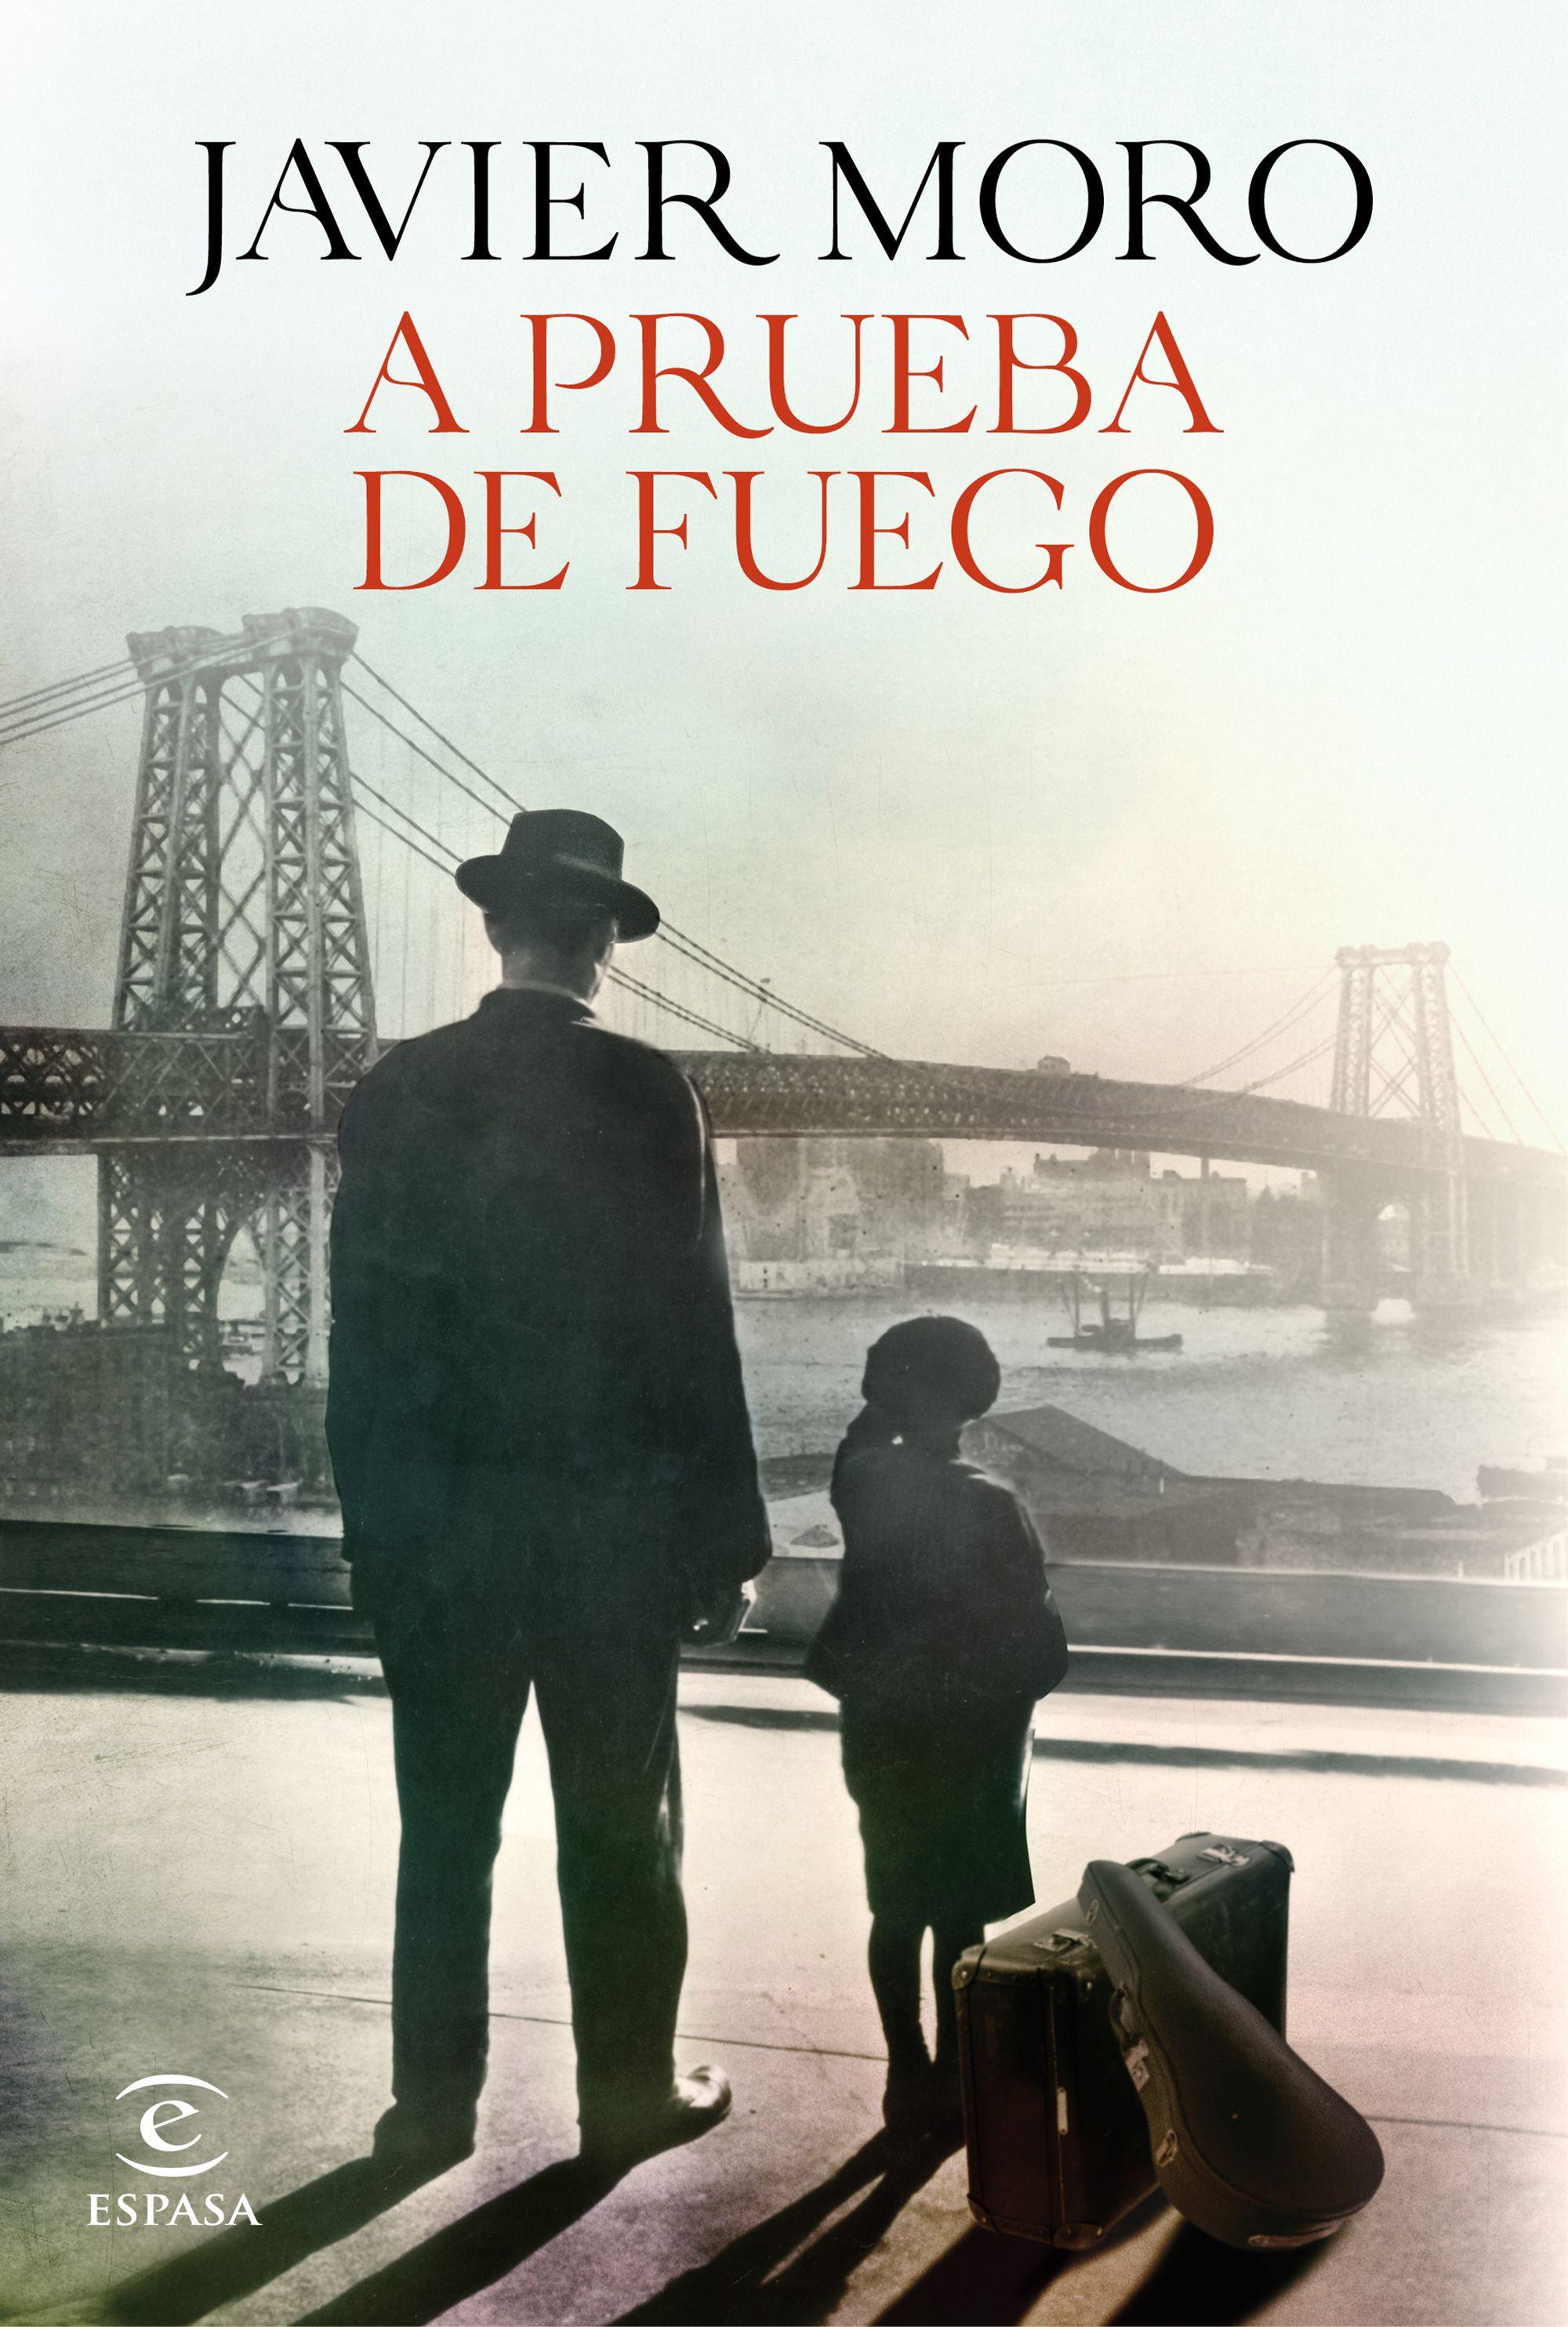 A prueba de fuego - Libro de Javier Moro 321686_portada_suenos-de-grandeza_javier-moro_202007311400